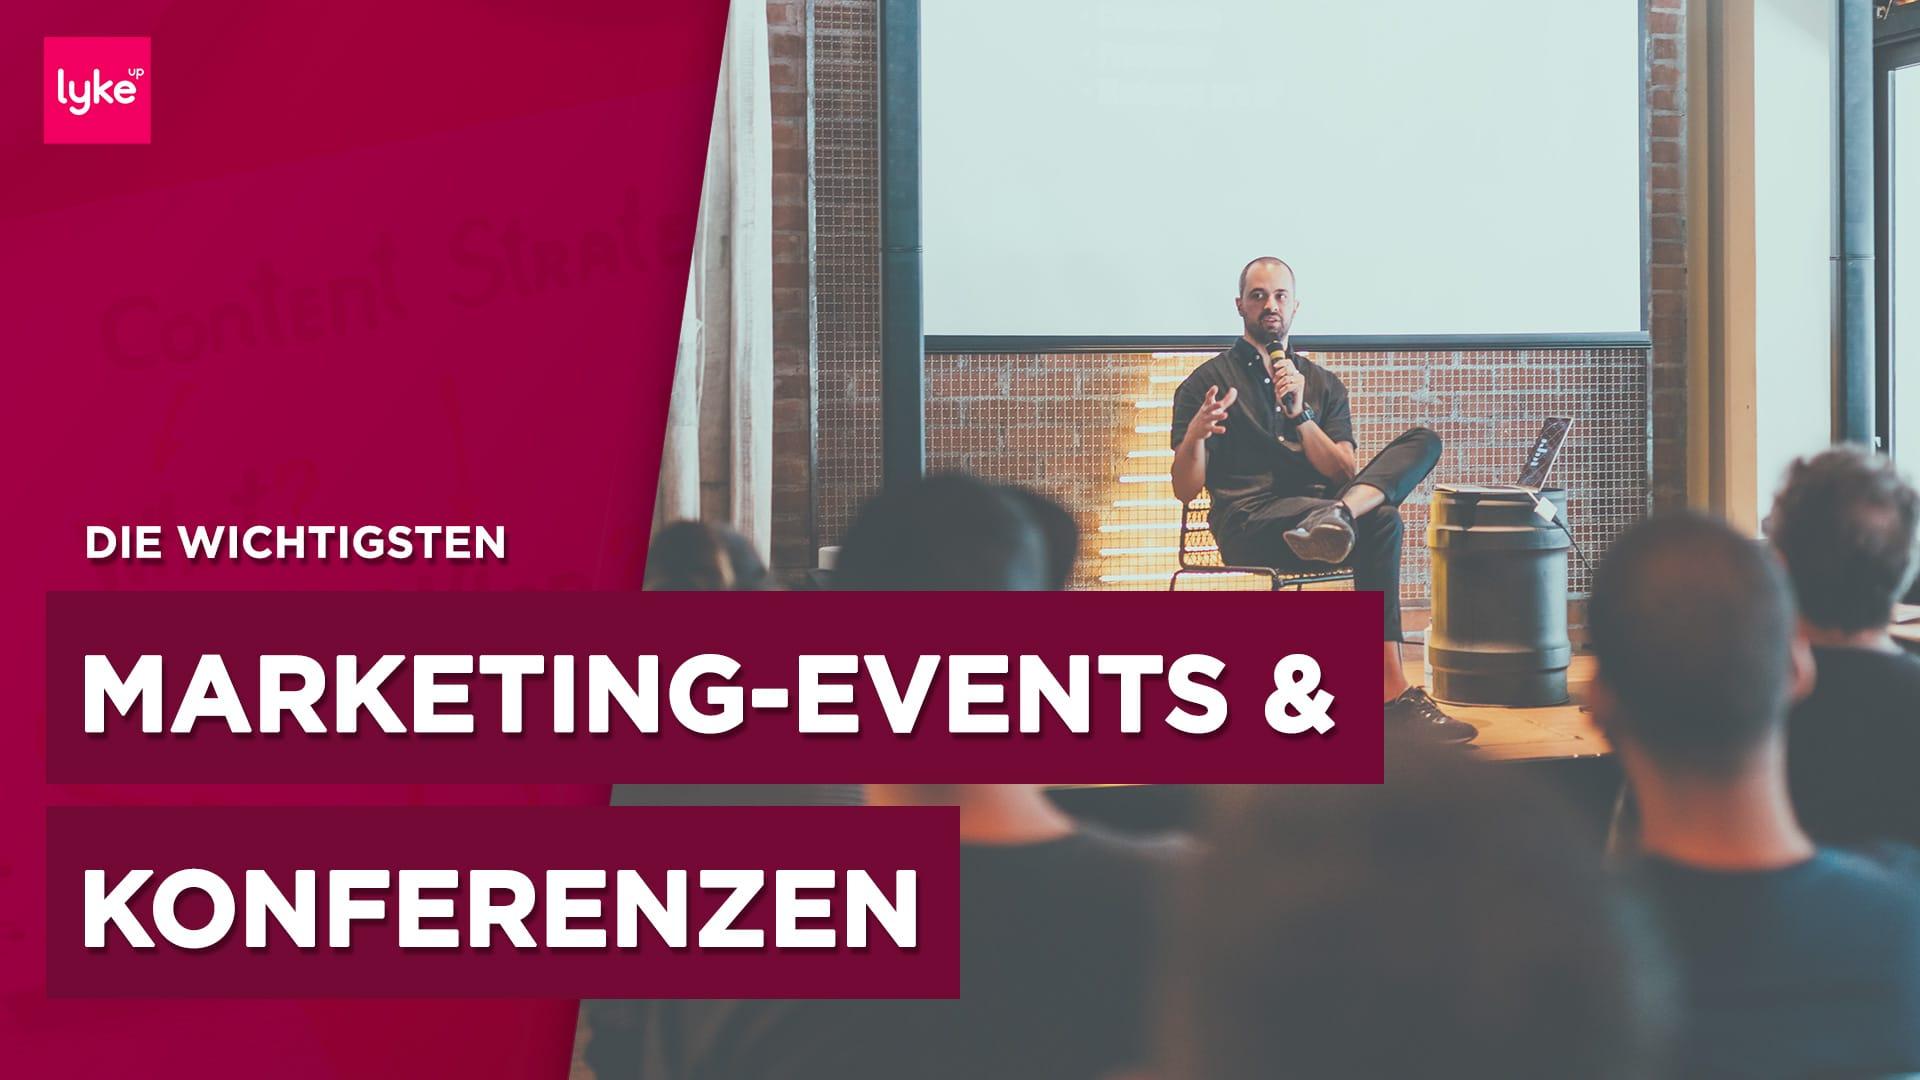 Blogger Events: Die wichtigsten Events und Messen für Blogger und Online Marketer